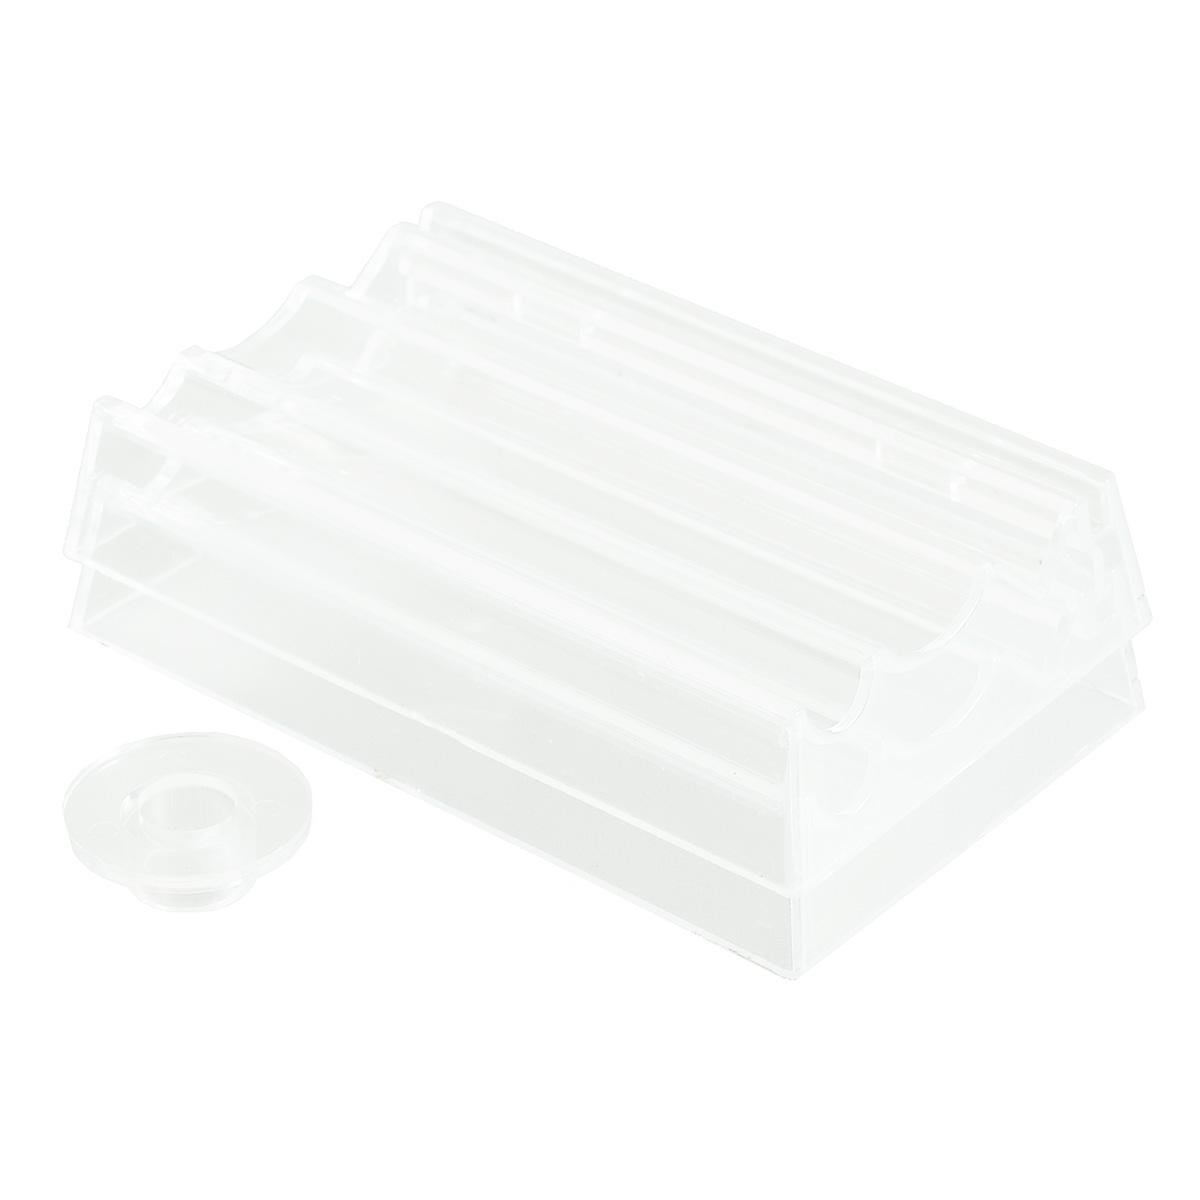 Инструмент для изготовления бусин Cernit7704709Инструмент для изготовления бусин Cernit выполнен из прозрачного пластика и предназначен для формирования идеально ровных круглых, овальных или конических бусин. В комплекте кольцо для дозировки пластика. Разместите пластику в ролике в соответствующей ячейке и несколько раз прокатайте вперед-назад. Бусина сформирована и готова к запеканию!